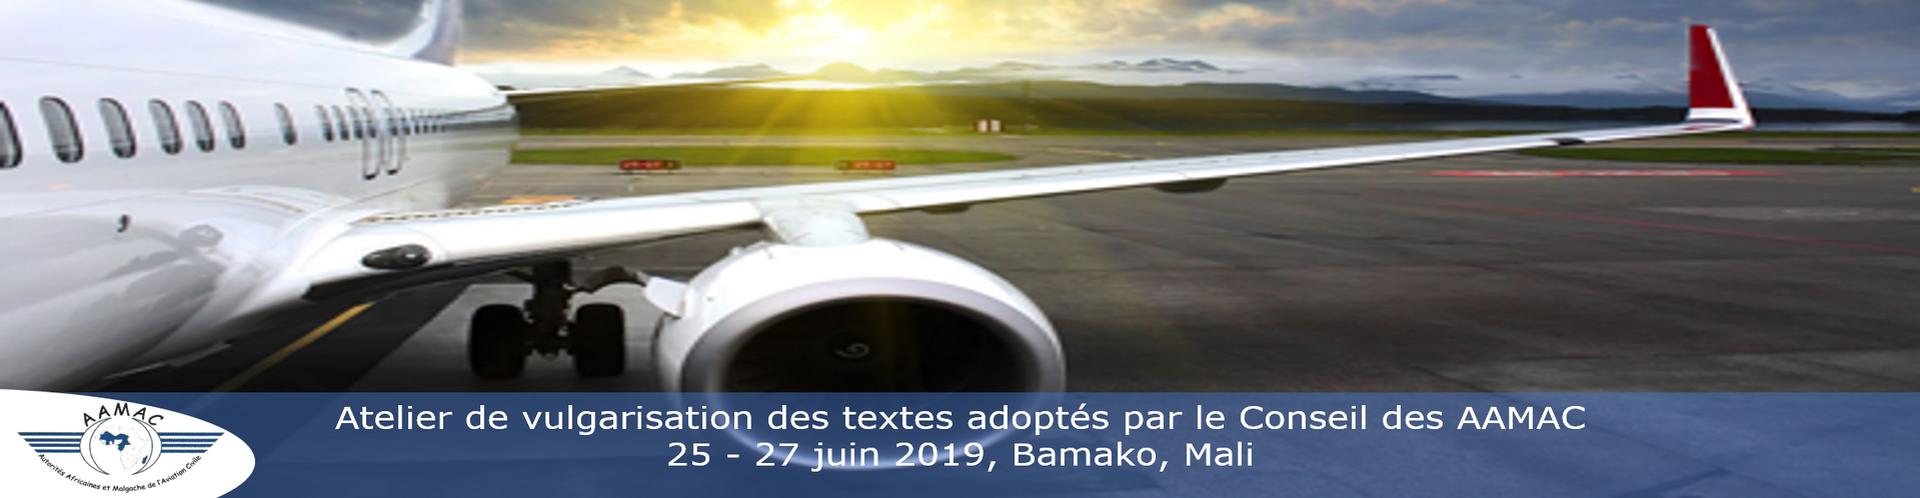 2019-ATE-AAMAC-Vulgarisation-Textes-Bamako